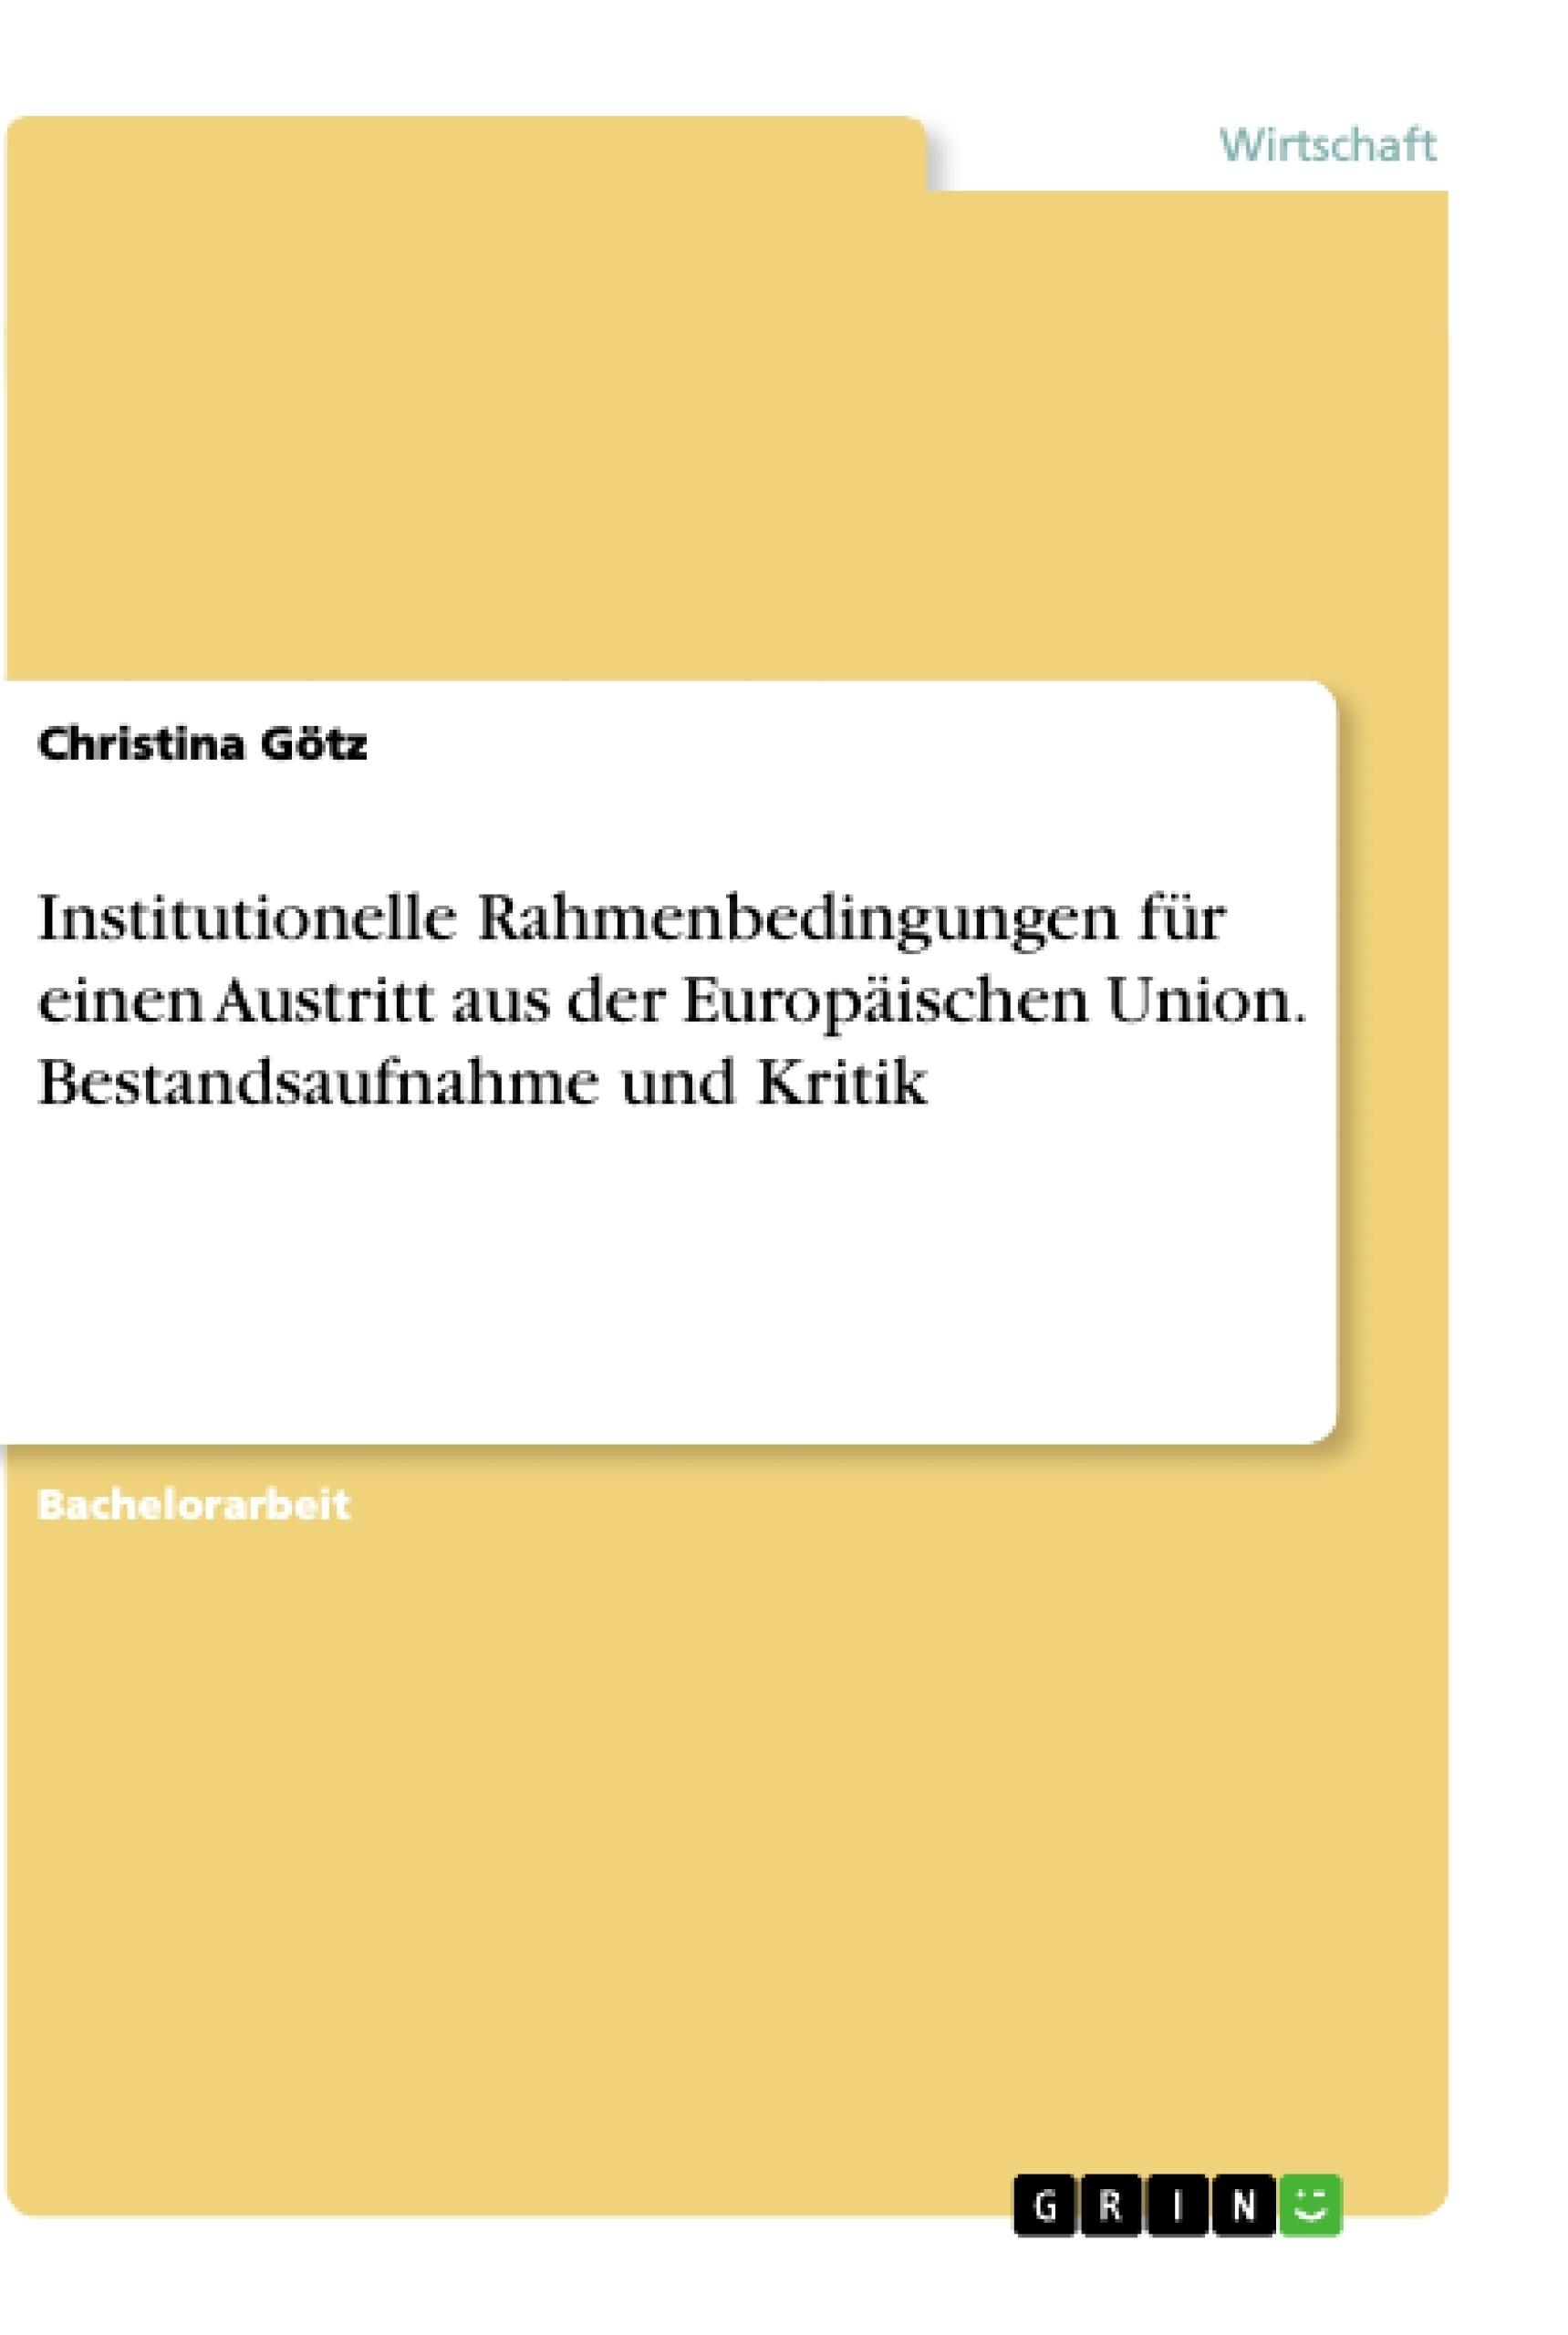 Titel: Institutionelle Rahmenbedingungen für einen Austritt aus der Europäischen Union. Bestandsaufnahme und Kritik